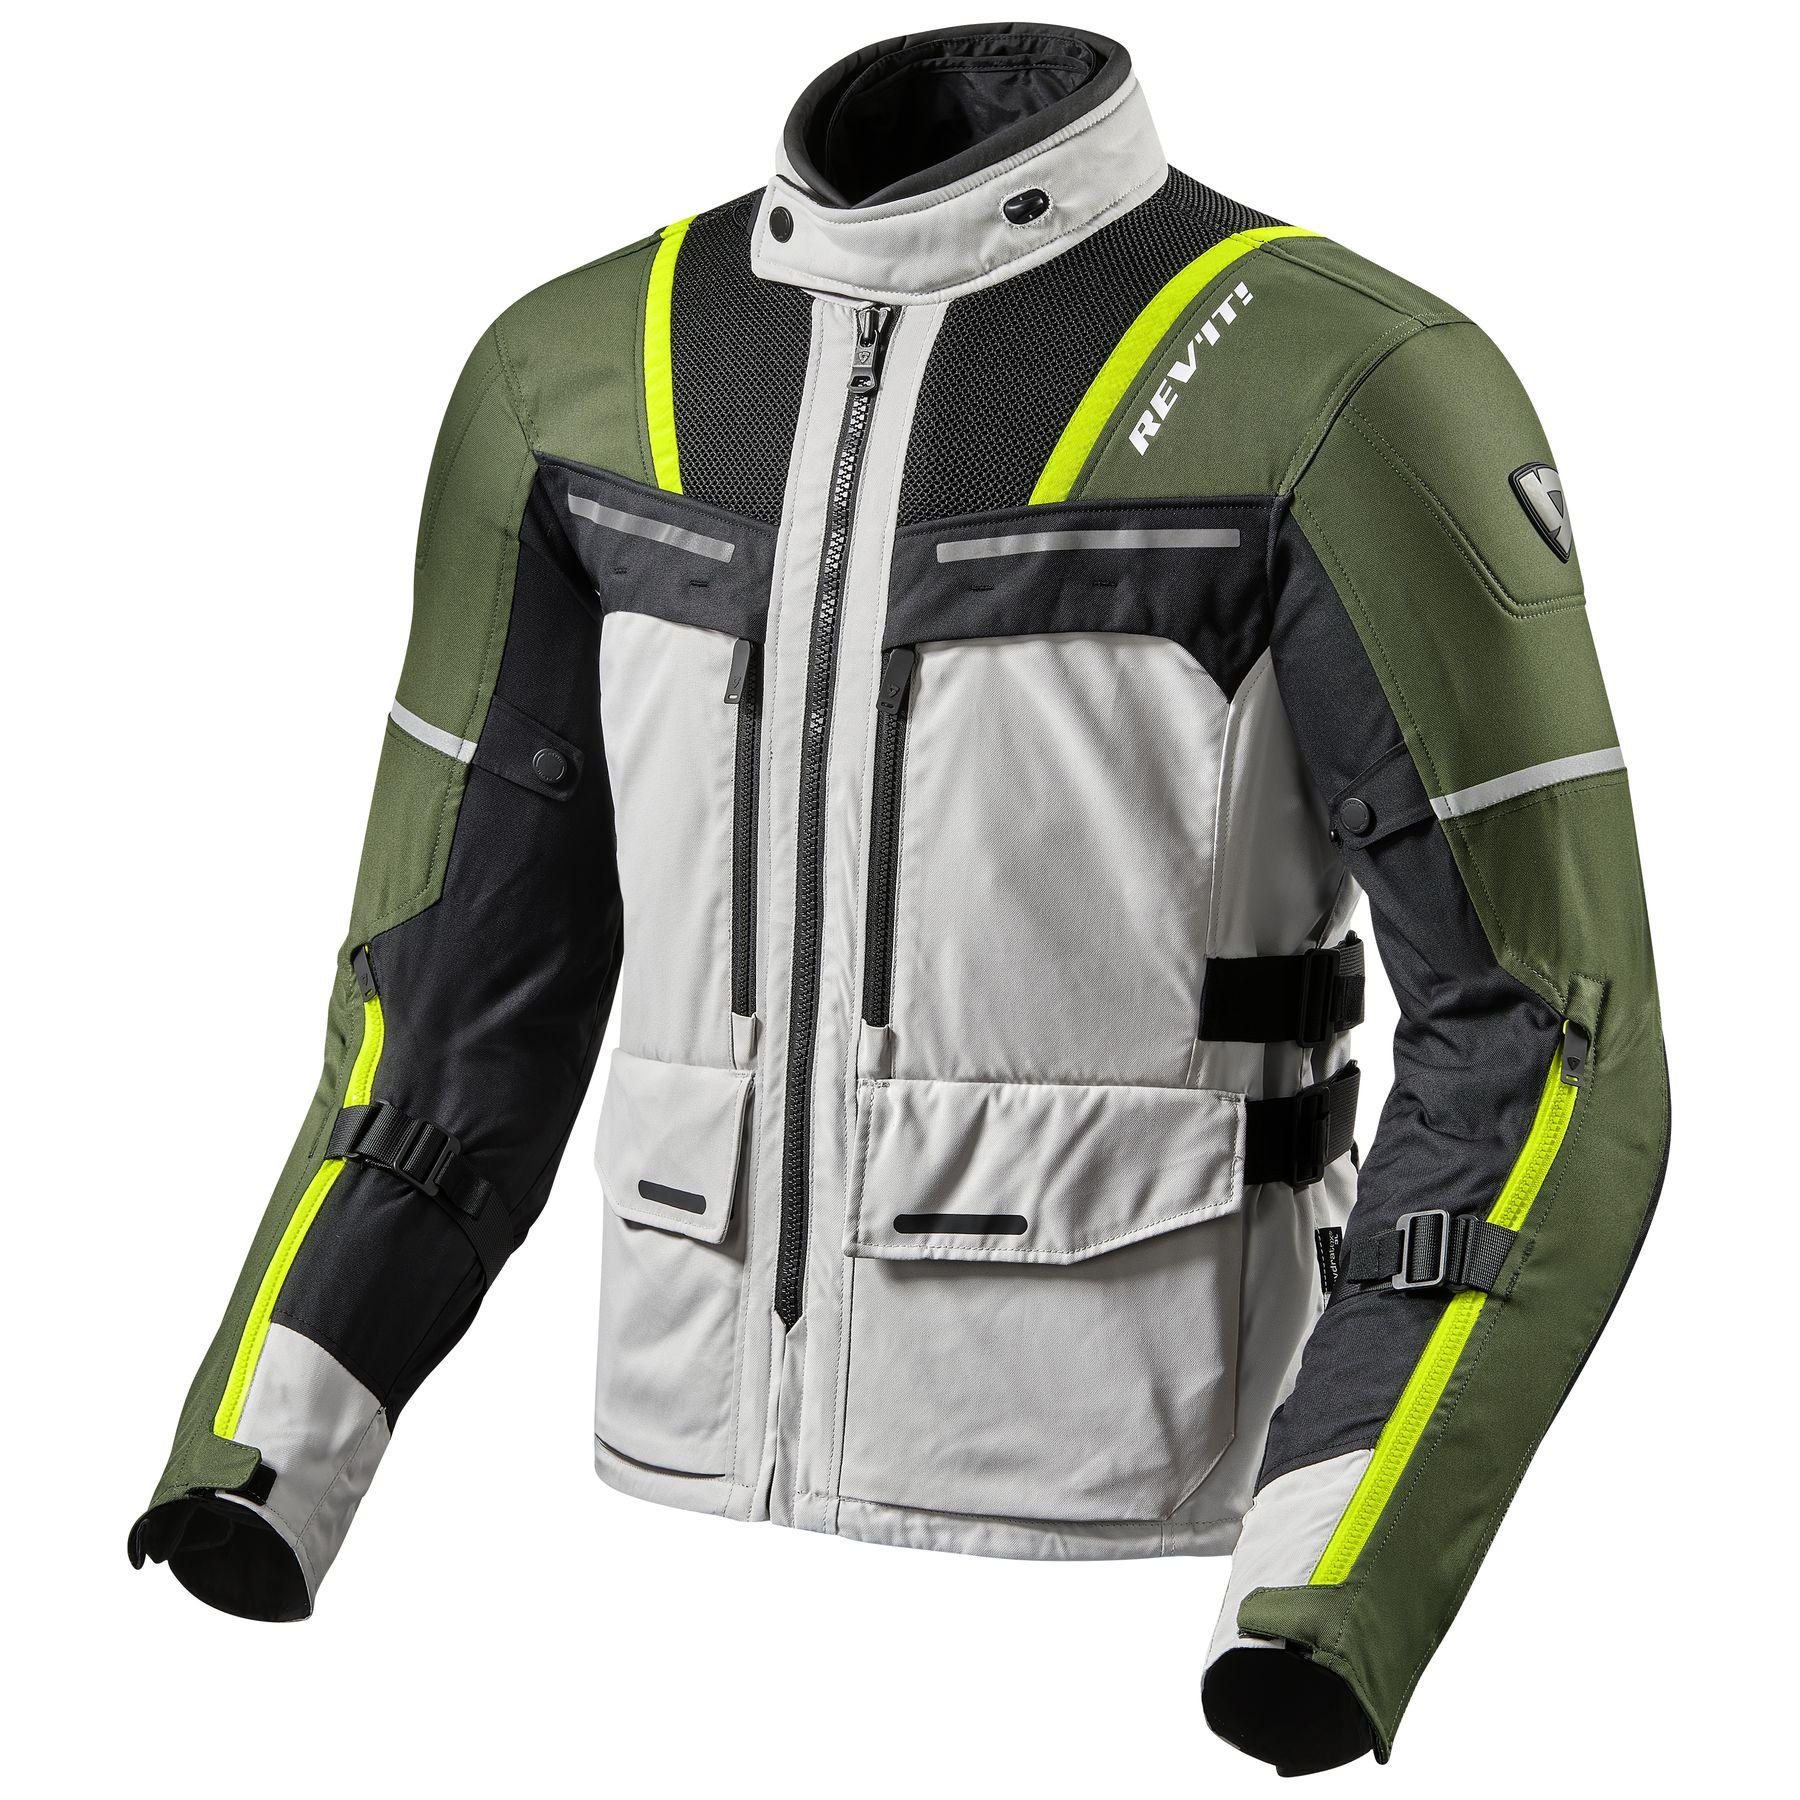 REV'IT! Offtrack Textile Jacket